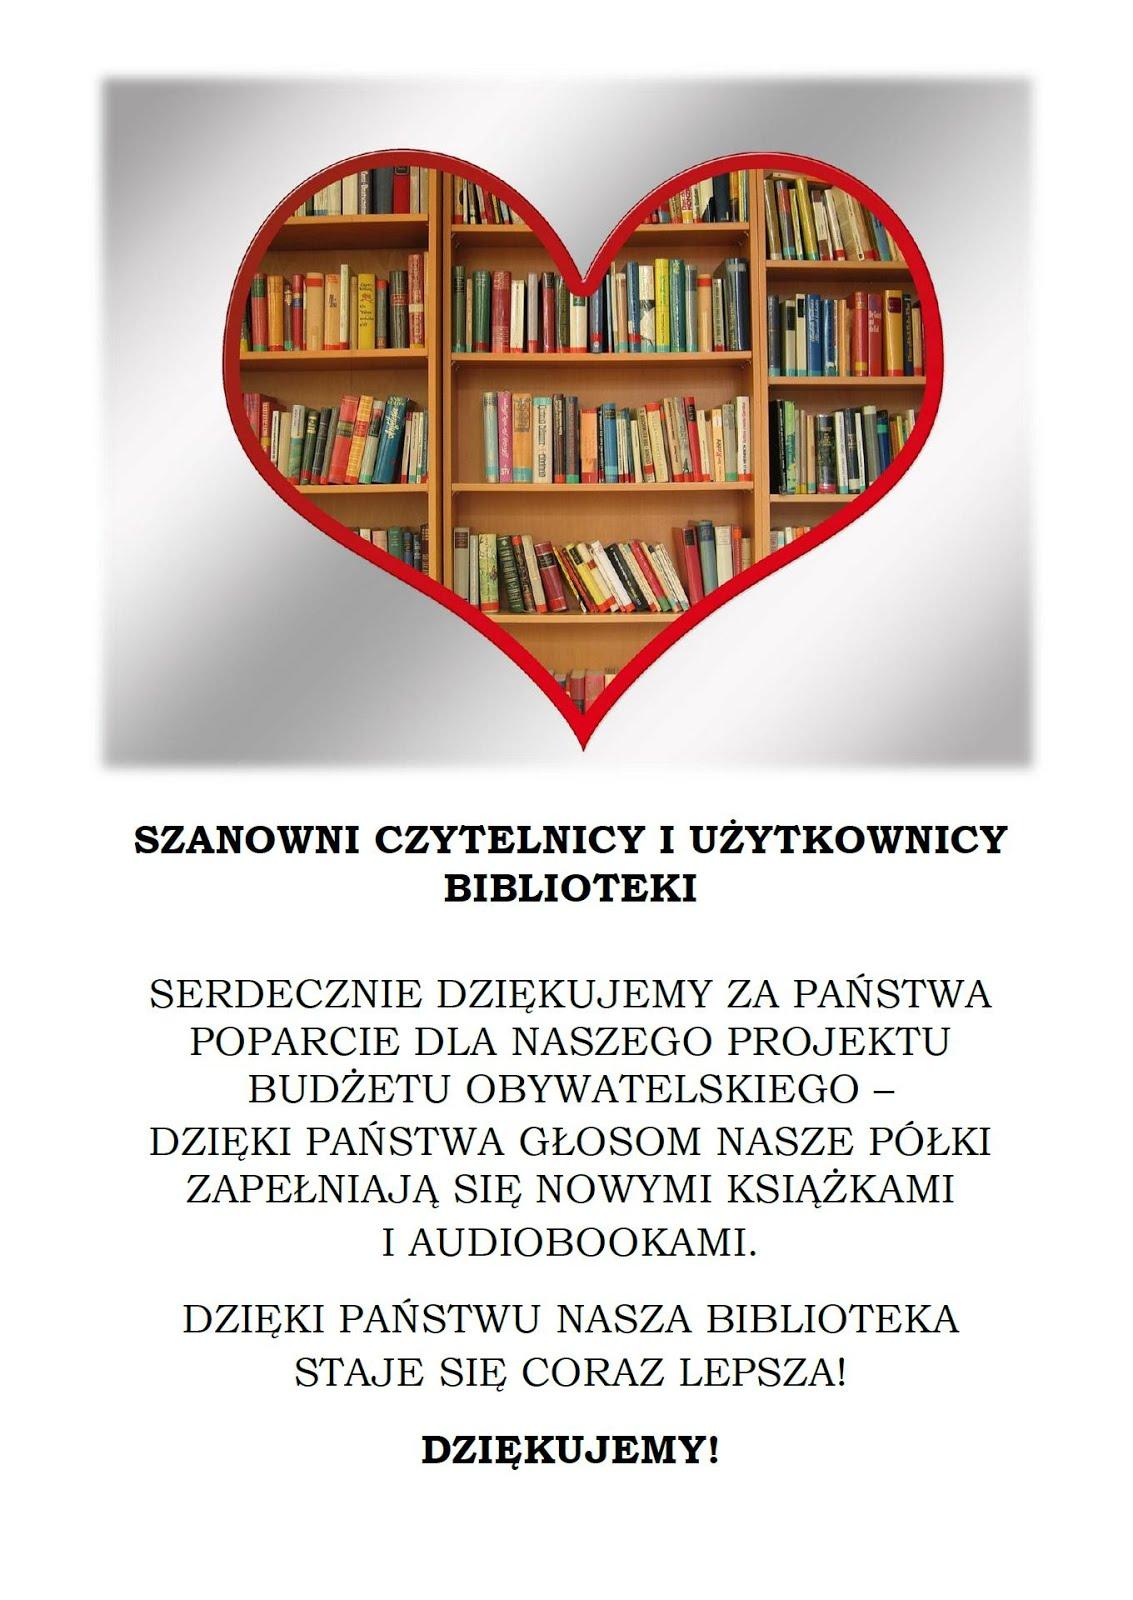 Podziękowania dla Czytelników i Użytkowników Biblioteki